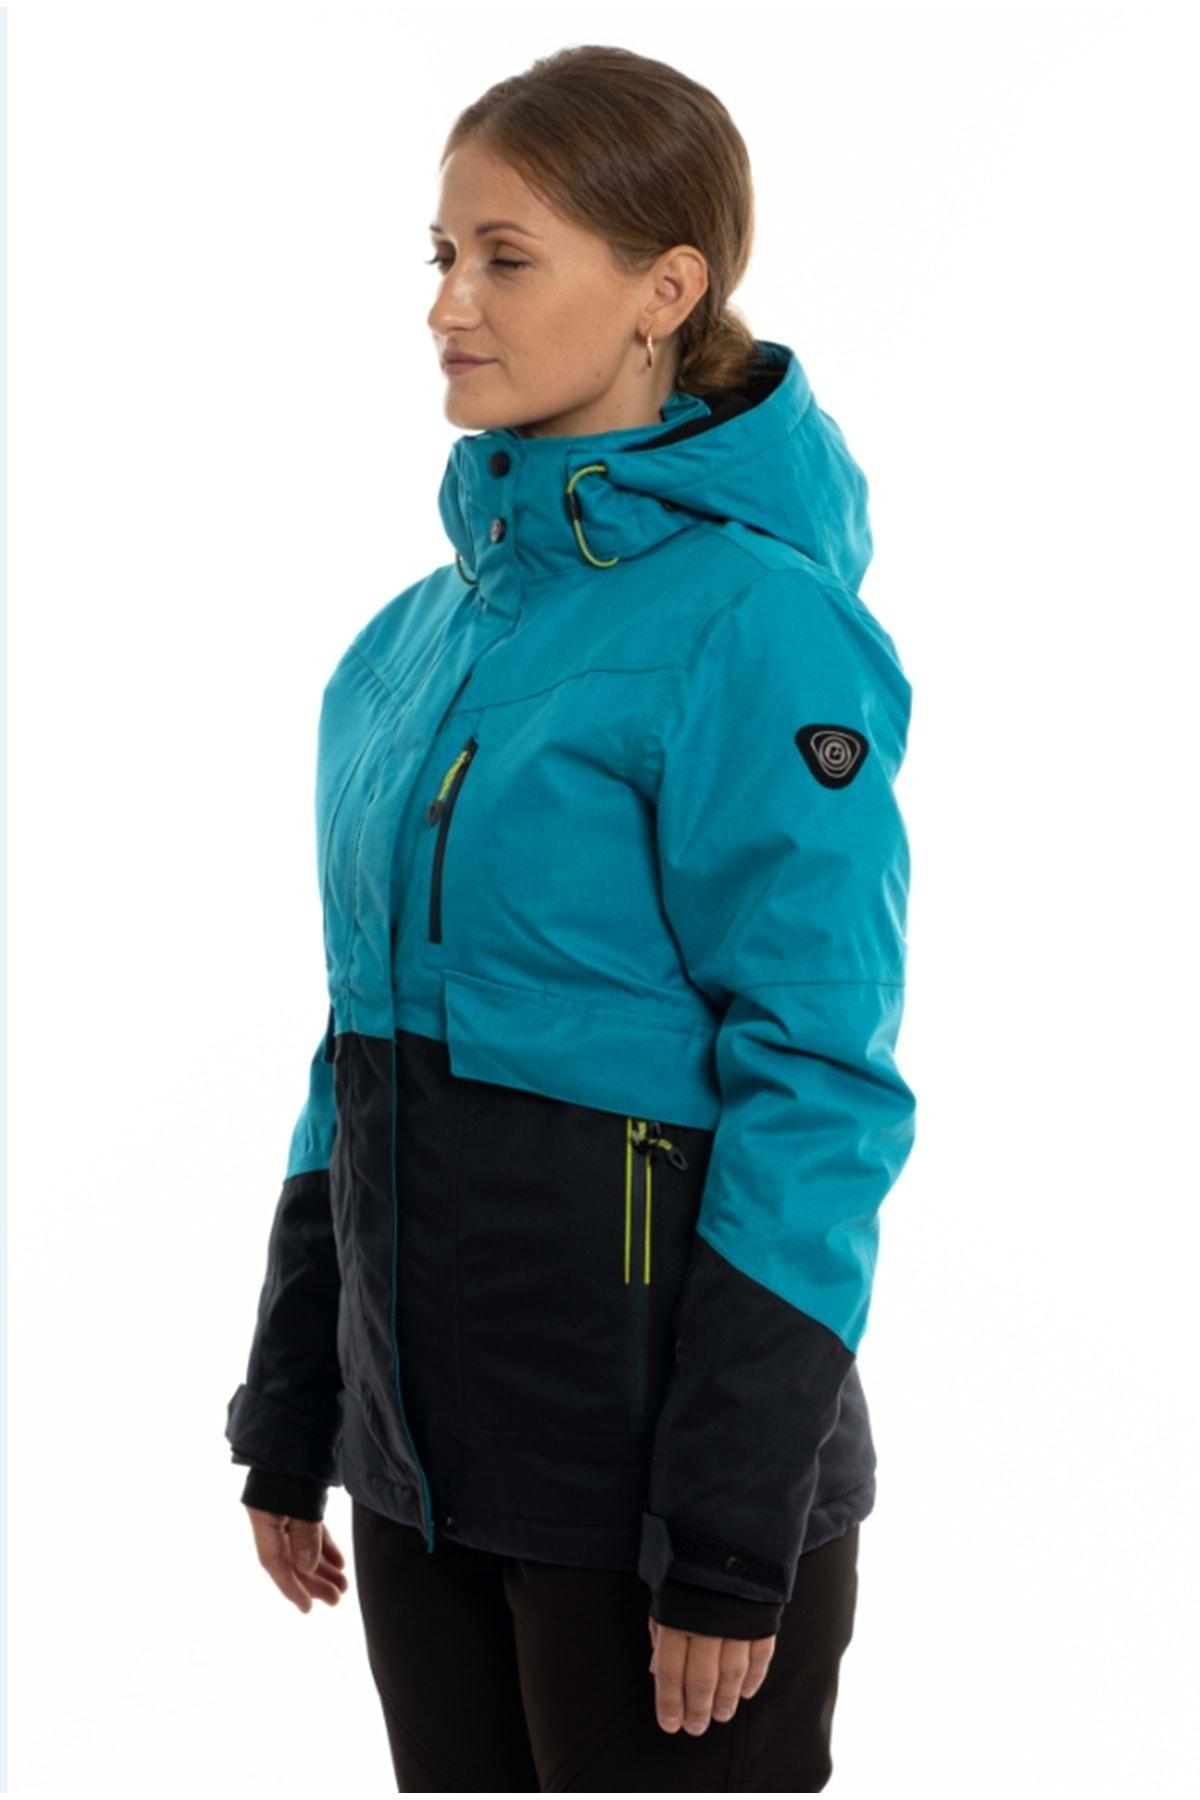 Killtec Nera Kadın Kayak Montu - - Nera - Mor - 46 Beden - Pp00289-4004 1